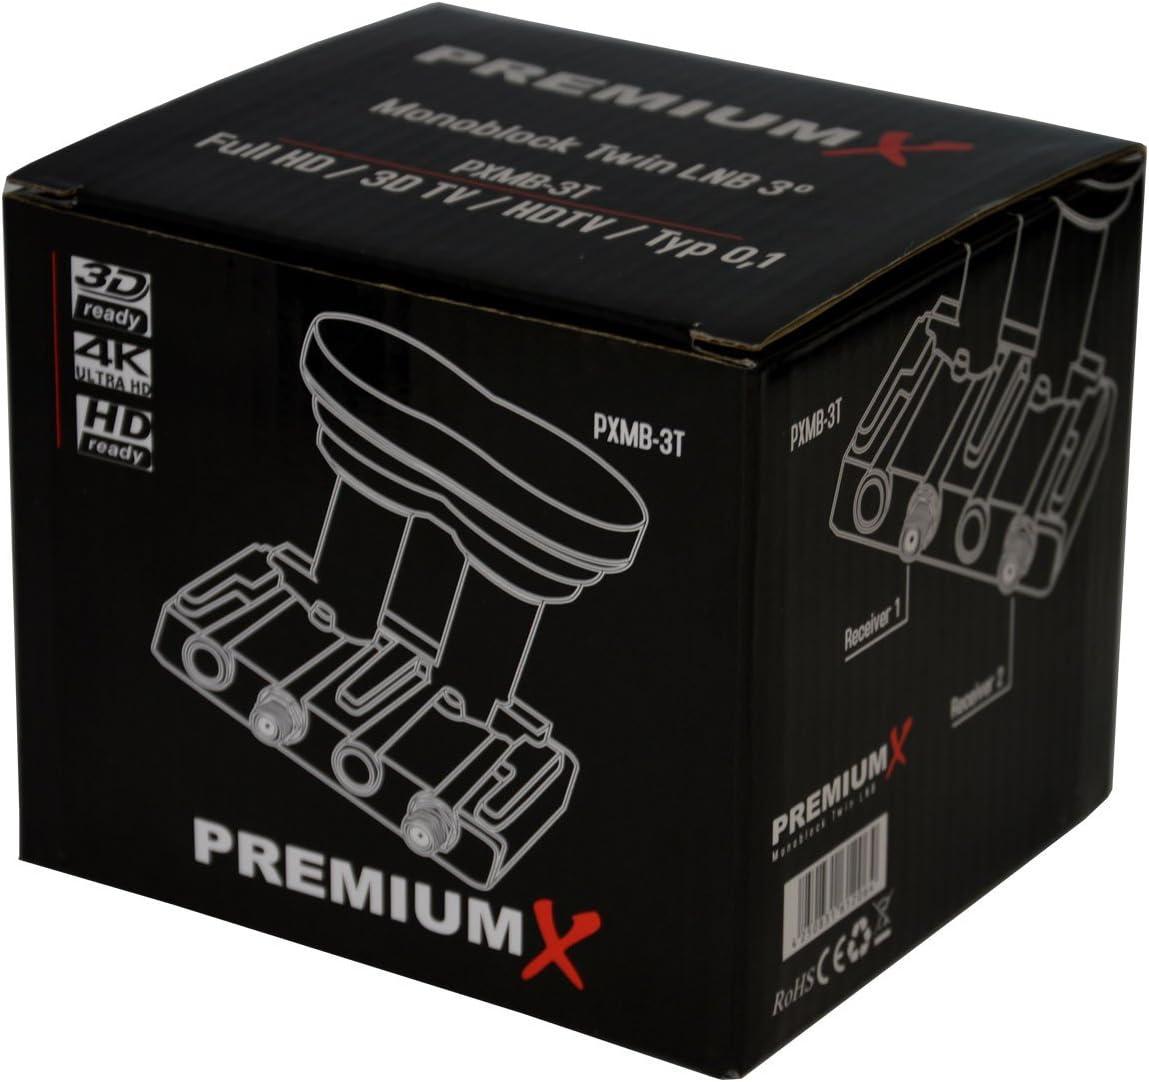 PremiumX Monoblock Single PXMB-3SW LNB WE 0,1dB Astra 19,2/° Eutelsat 16/° HDTV FullHD 3D und Ultra HD 4K tauglich f/ür 80-85cm Sch/üssel